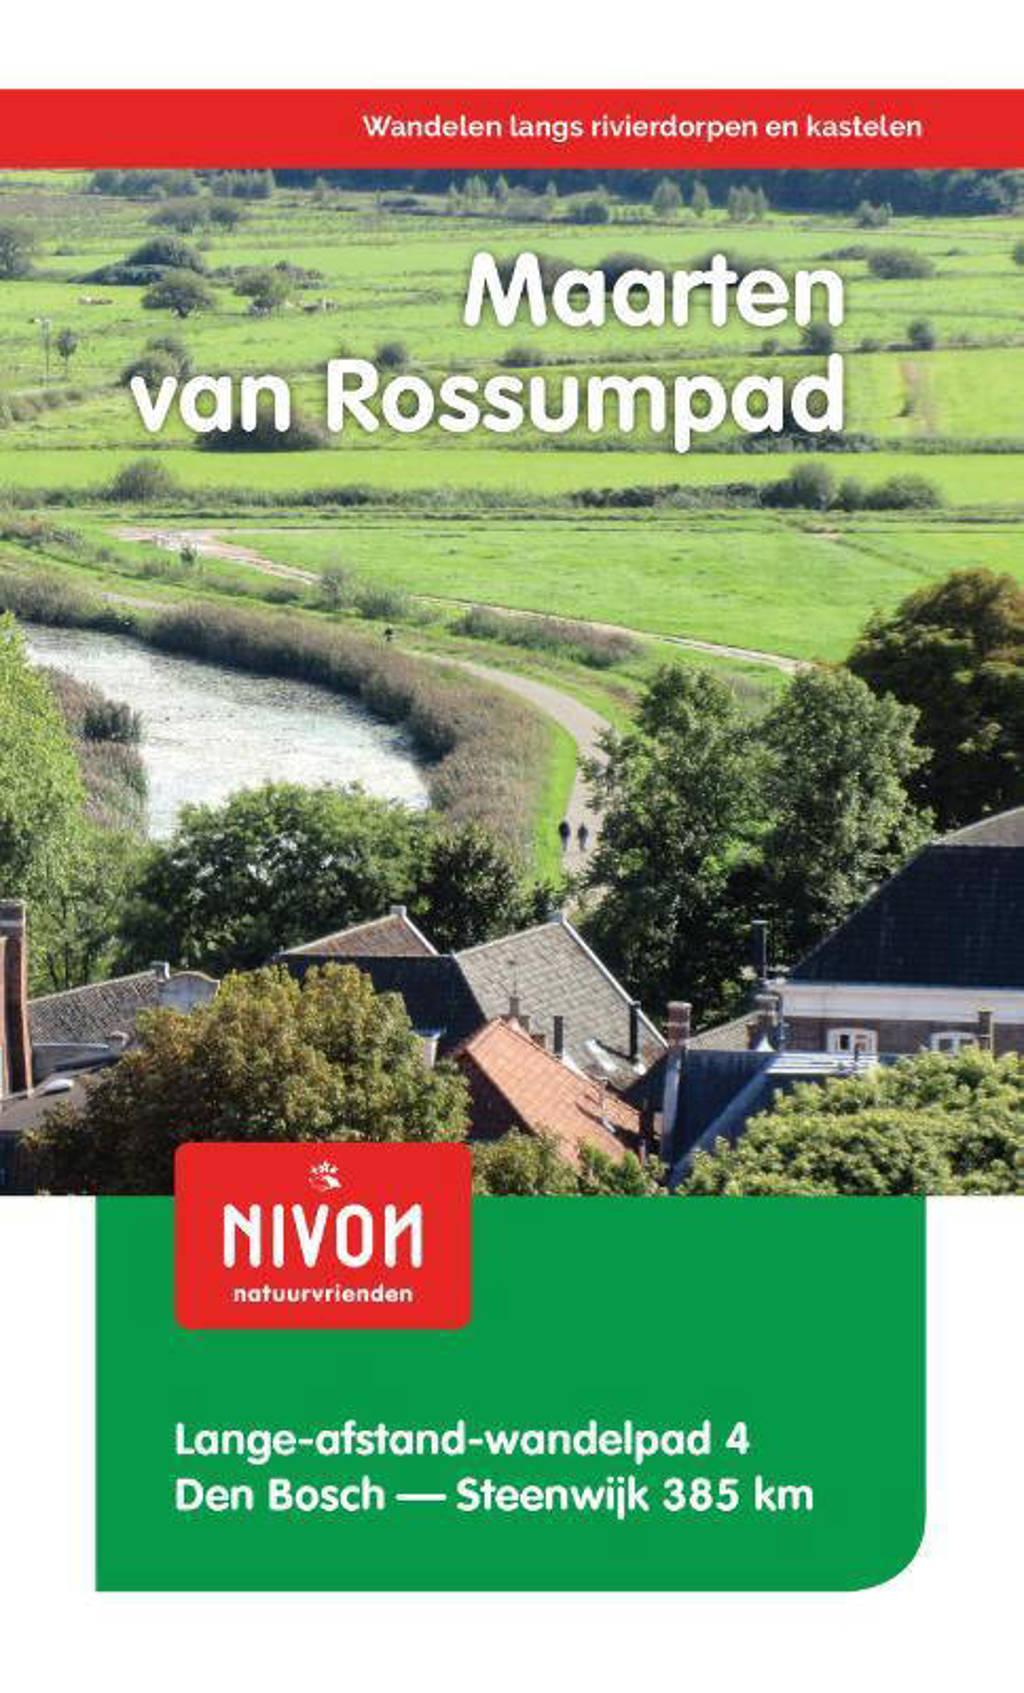 LAW-gids: Maarten van Rossum Pad